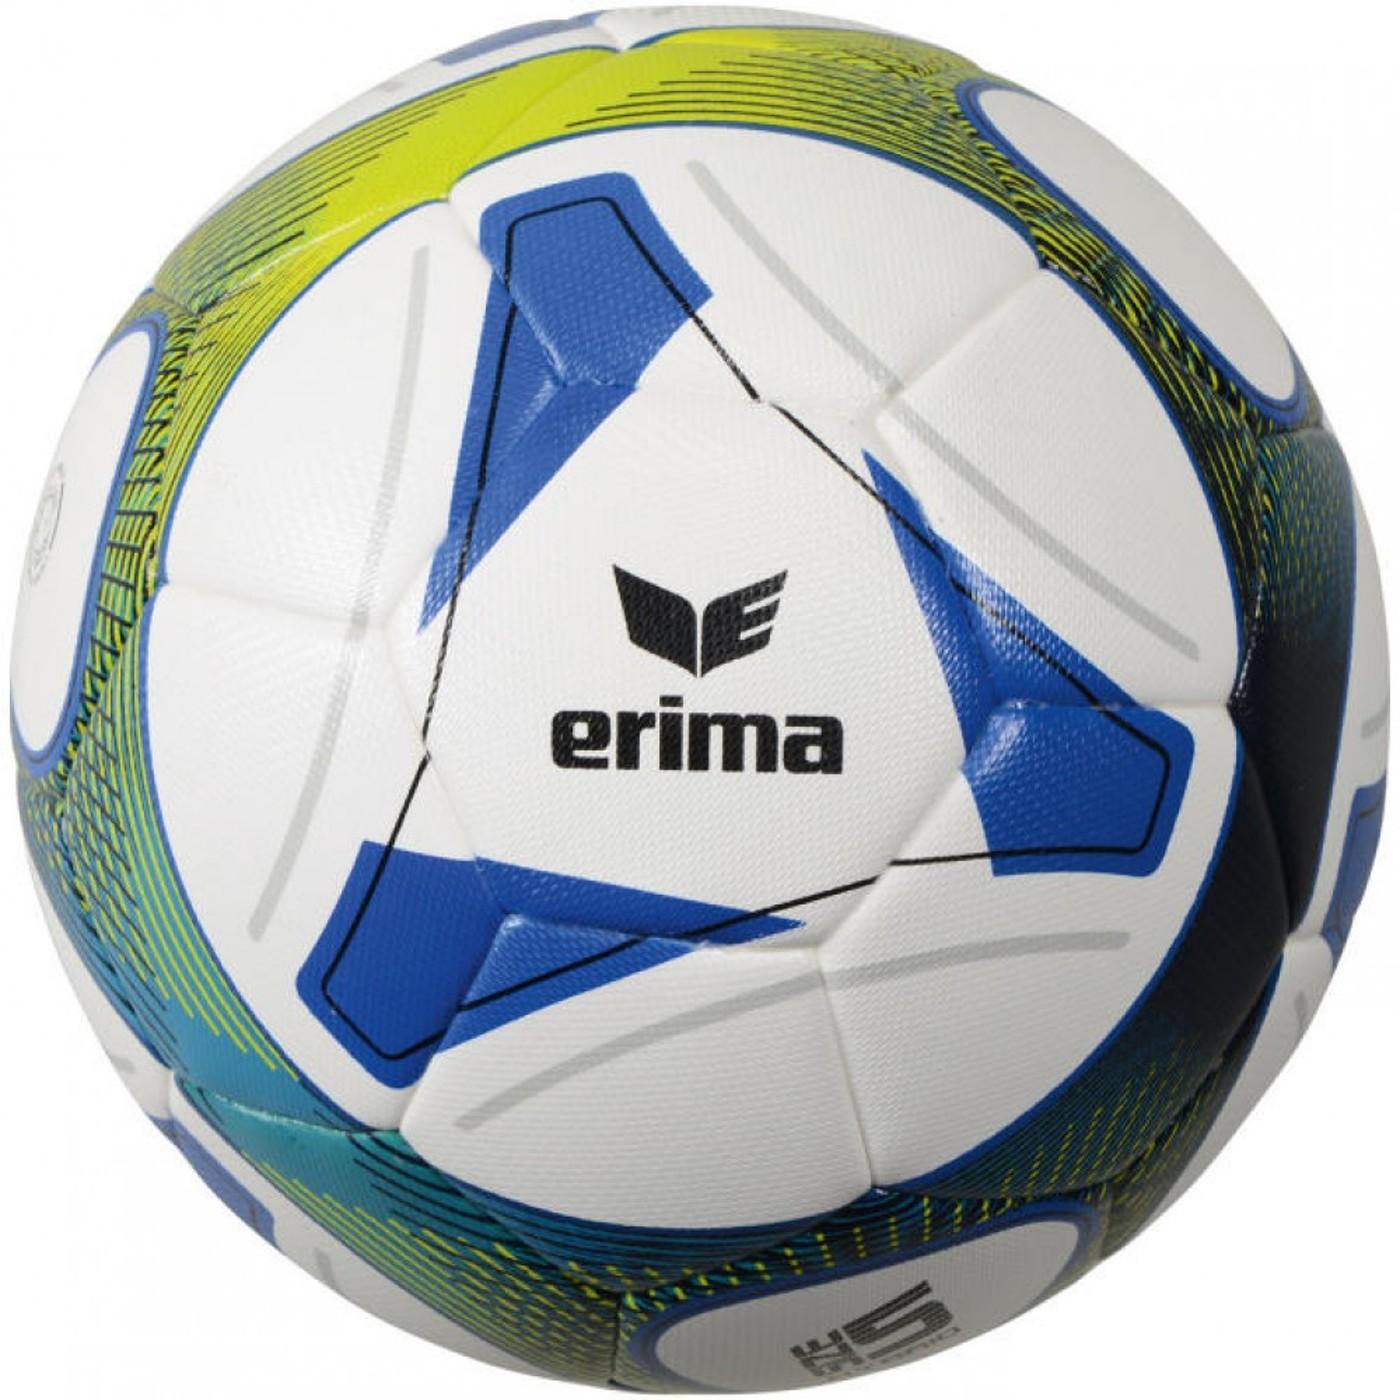 ERIMA Fußball HYBRID